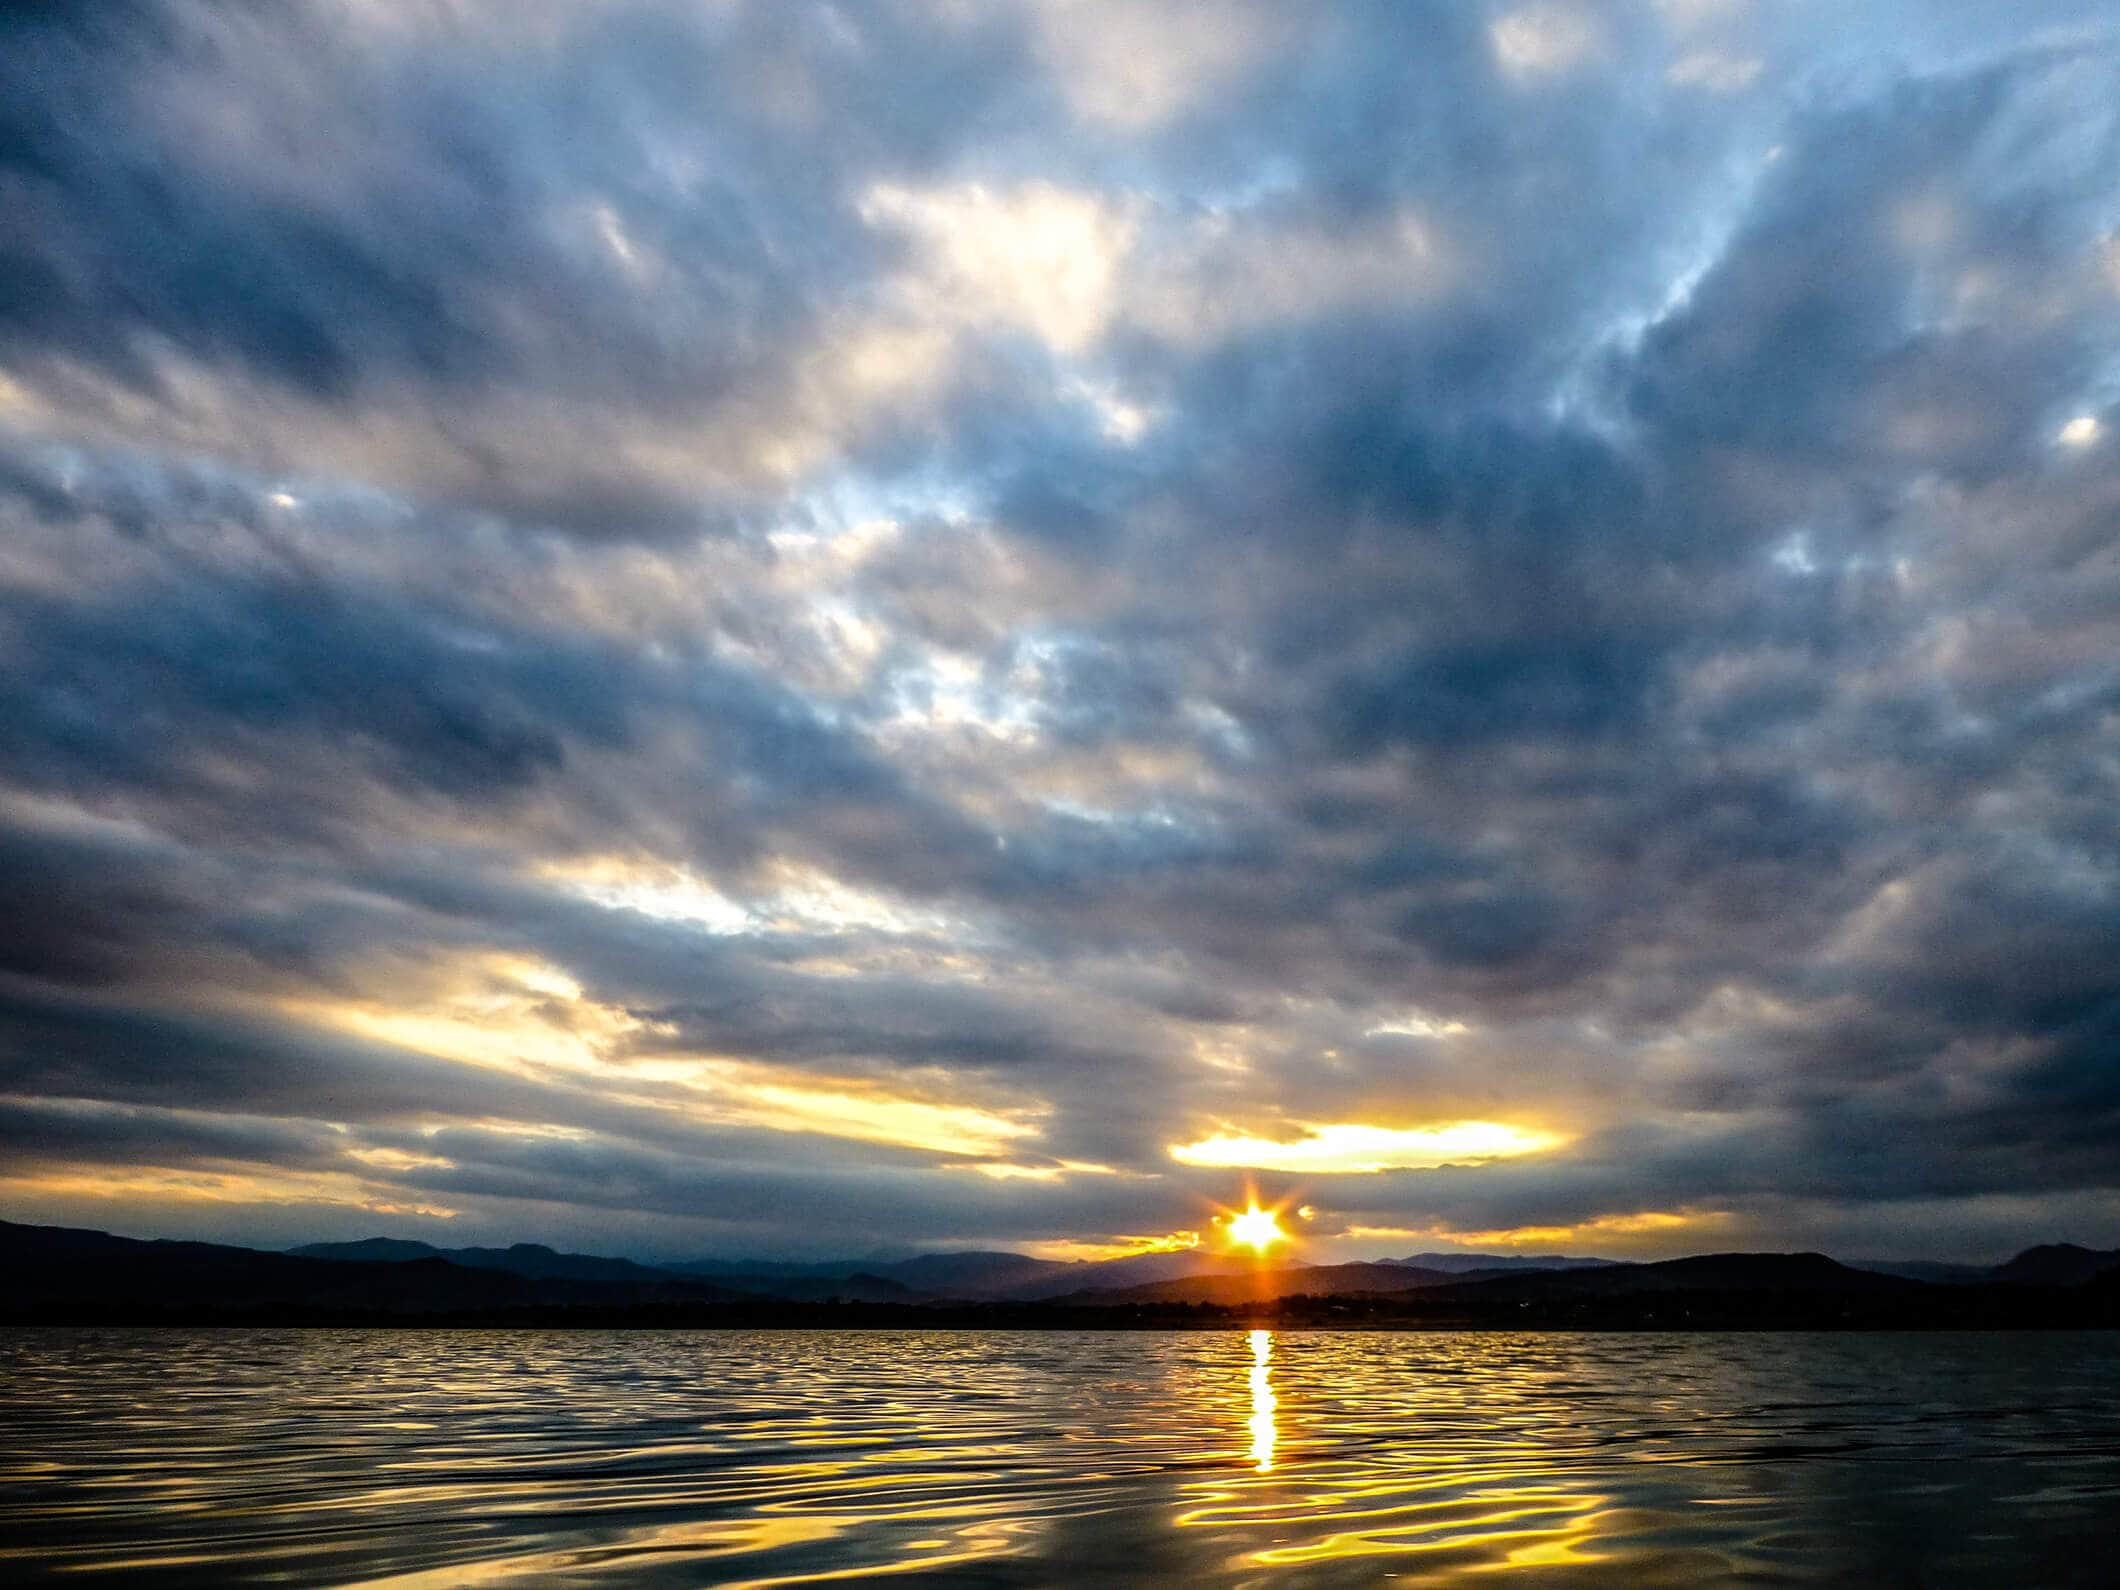 Sunset on Mac Lake